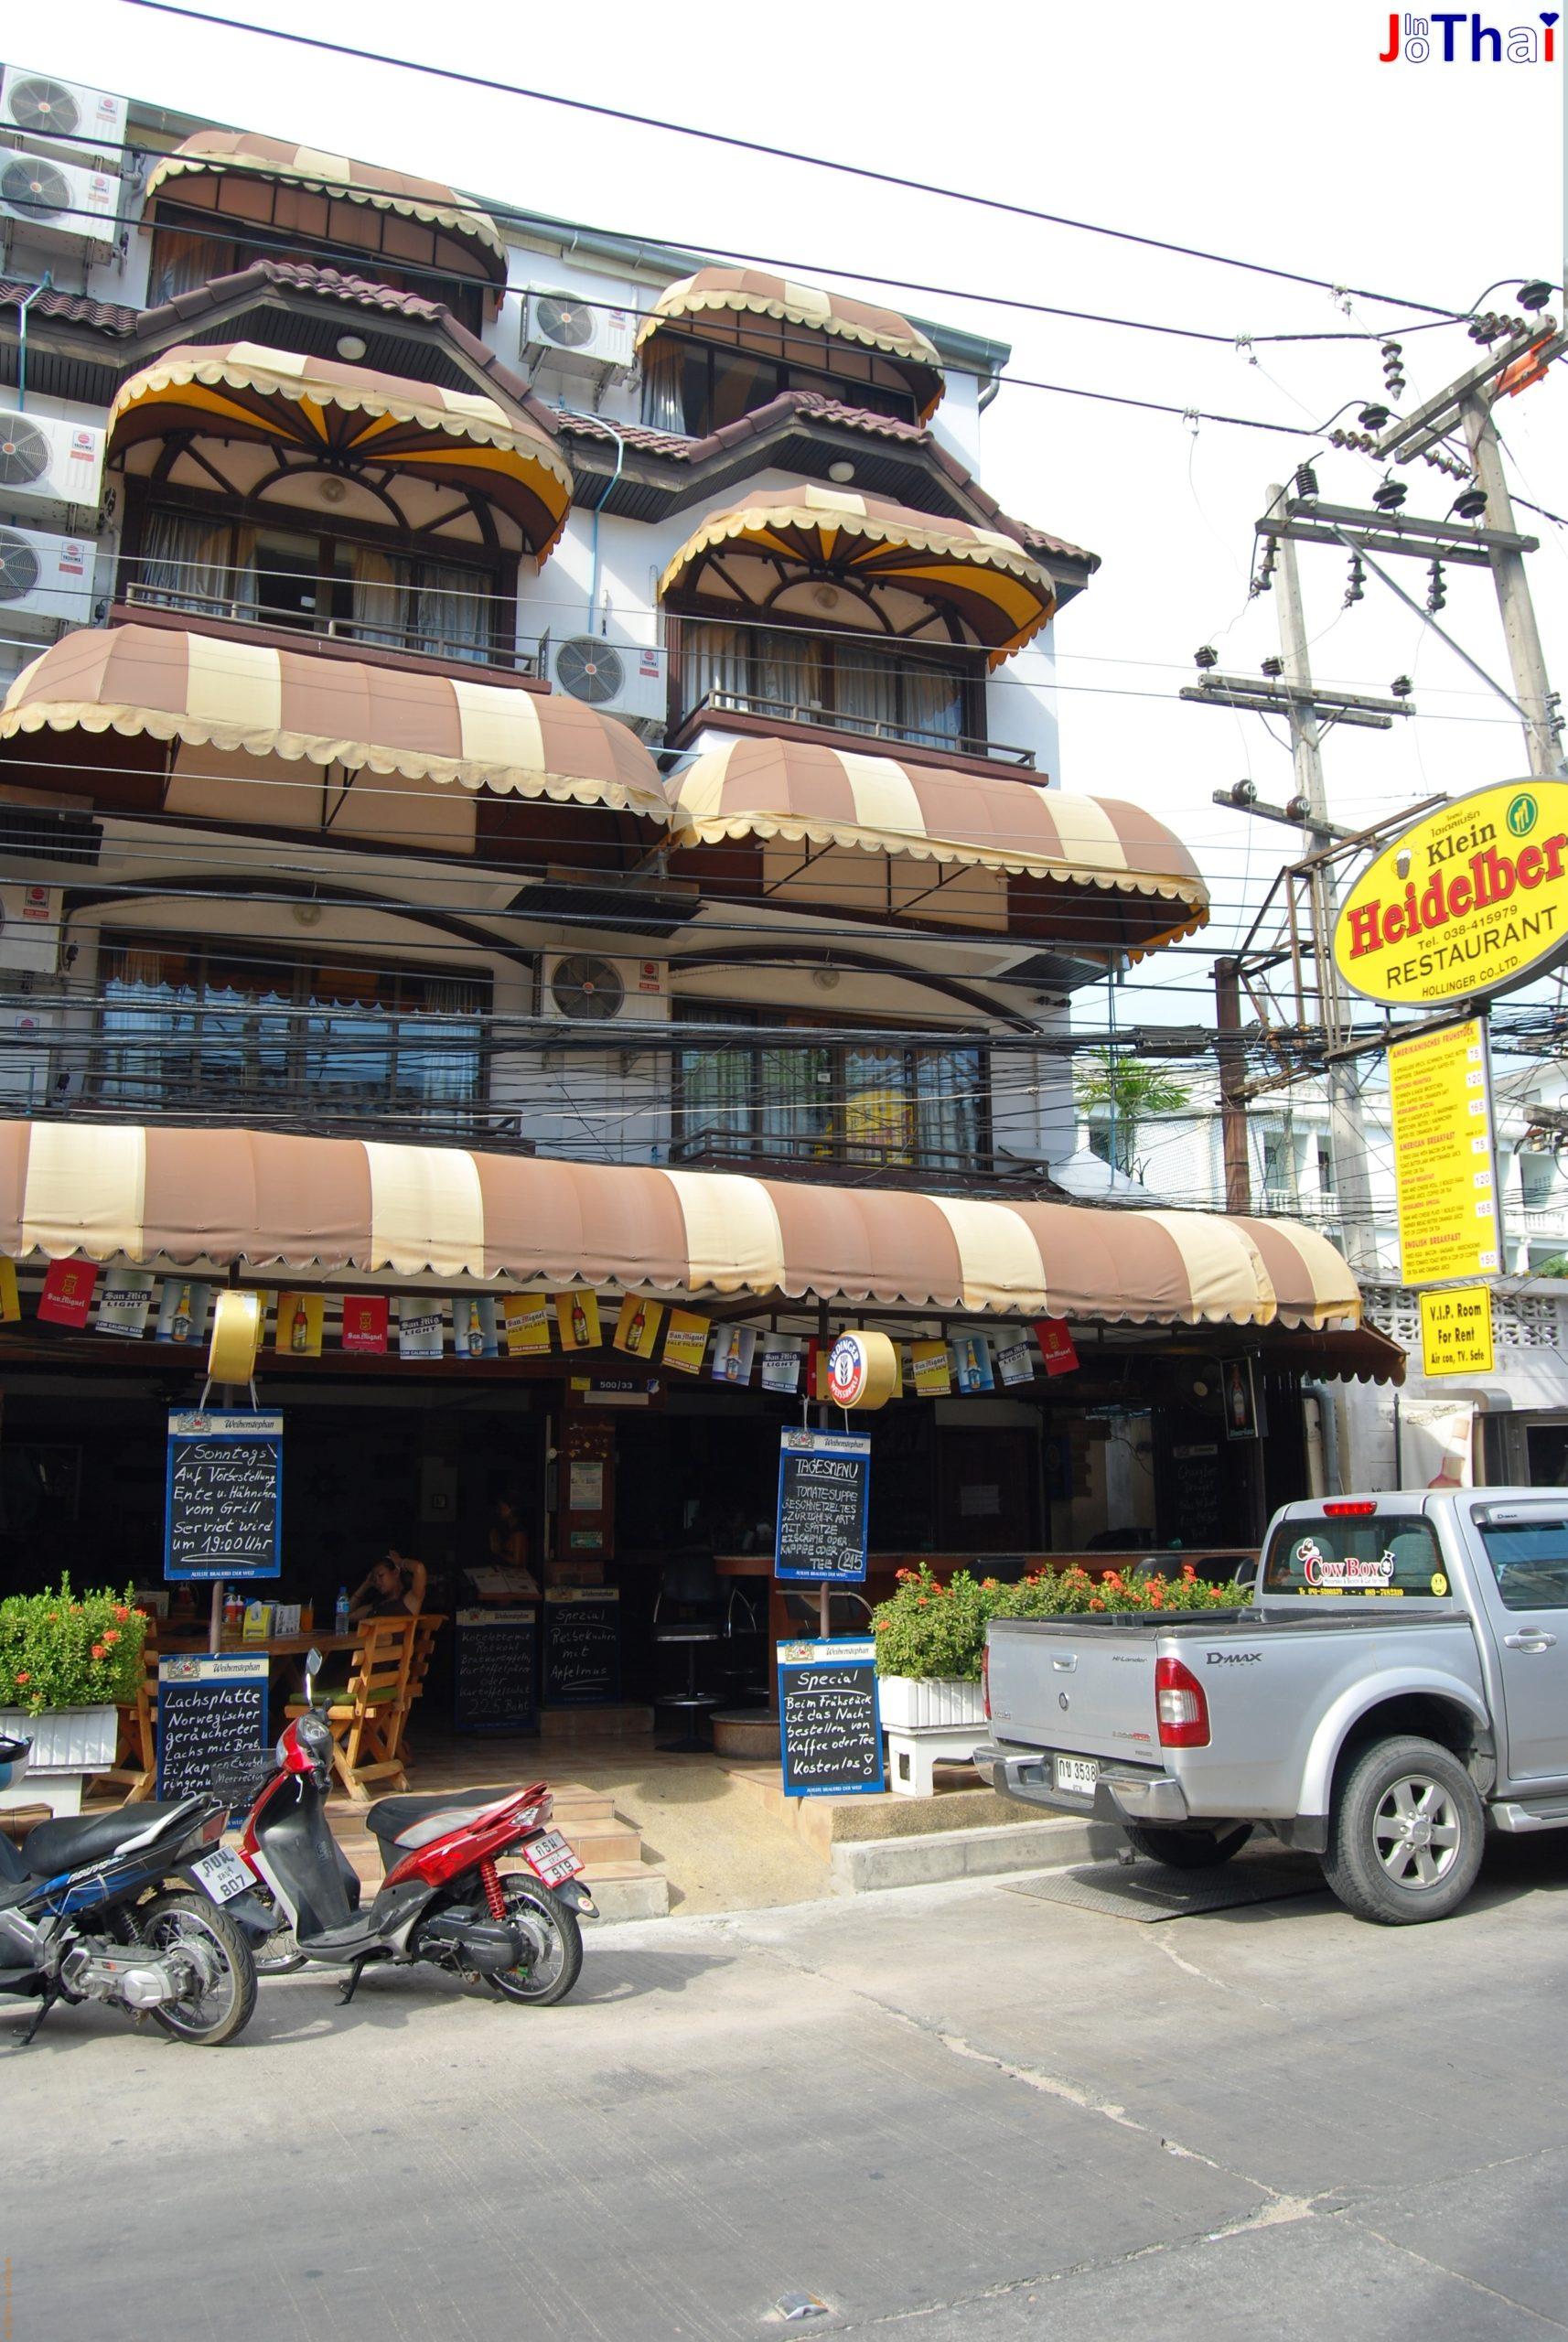 Hotel Klein Heidelberg - Pattaya - Thailand